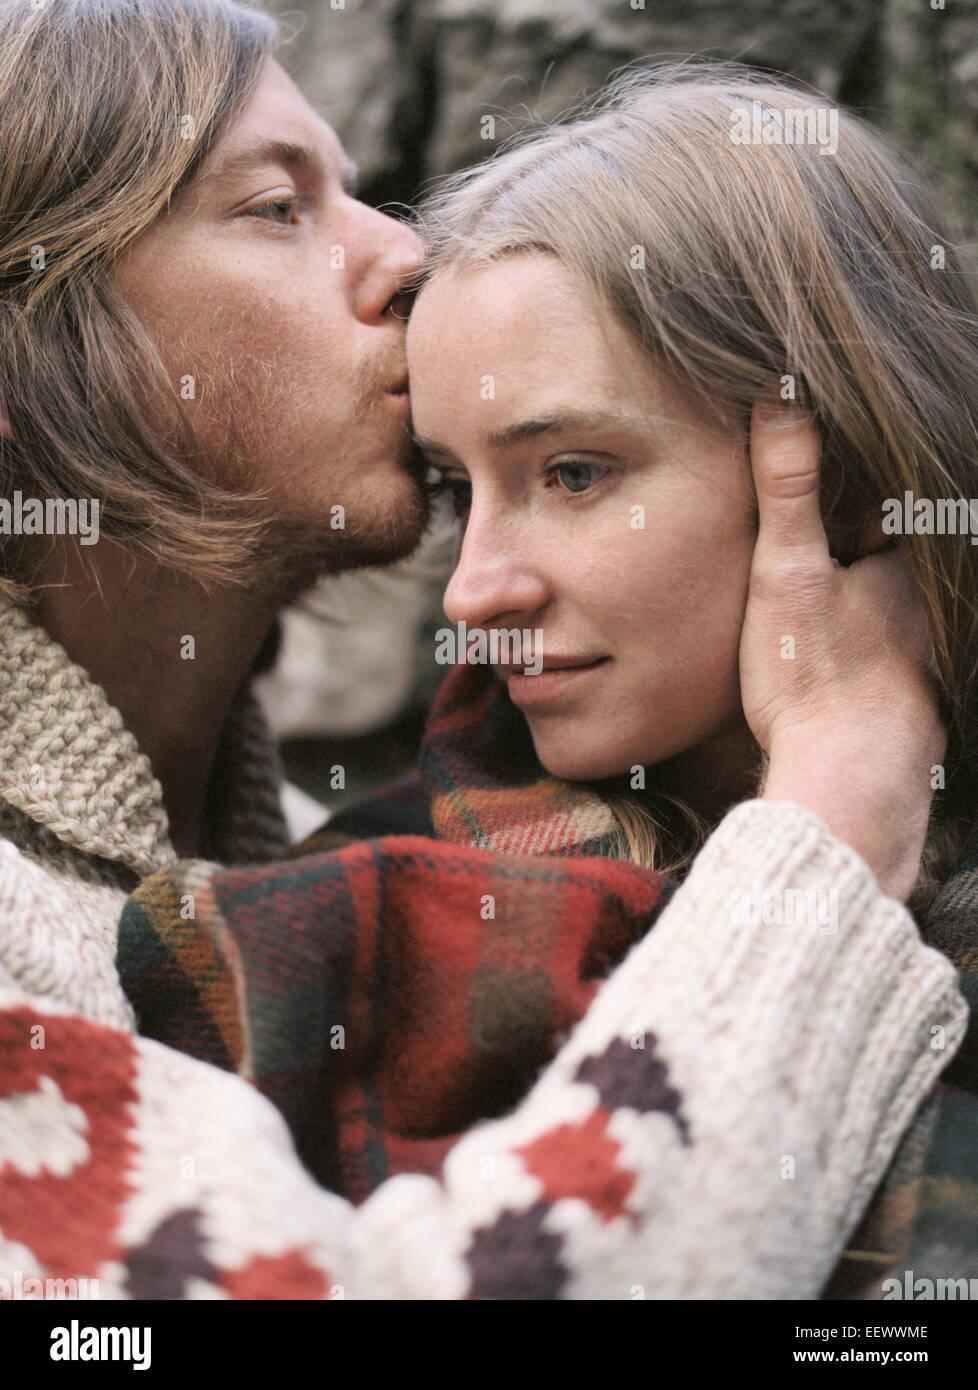 Joven pareja besándose. Imagen De Stock